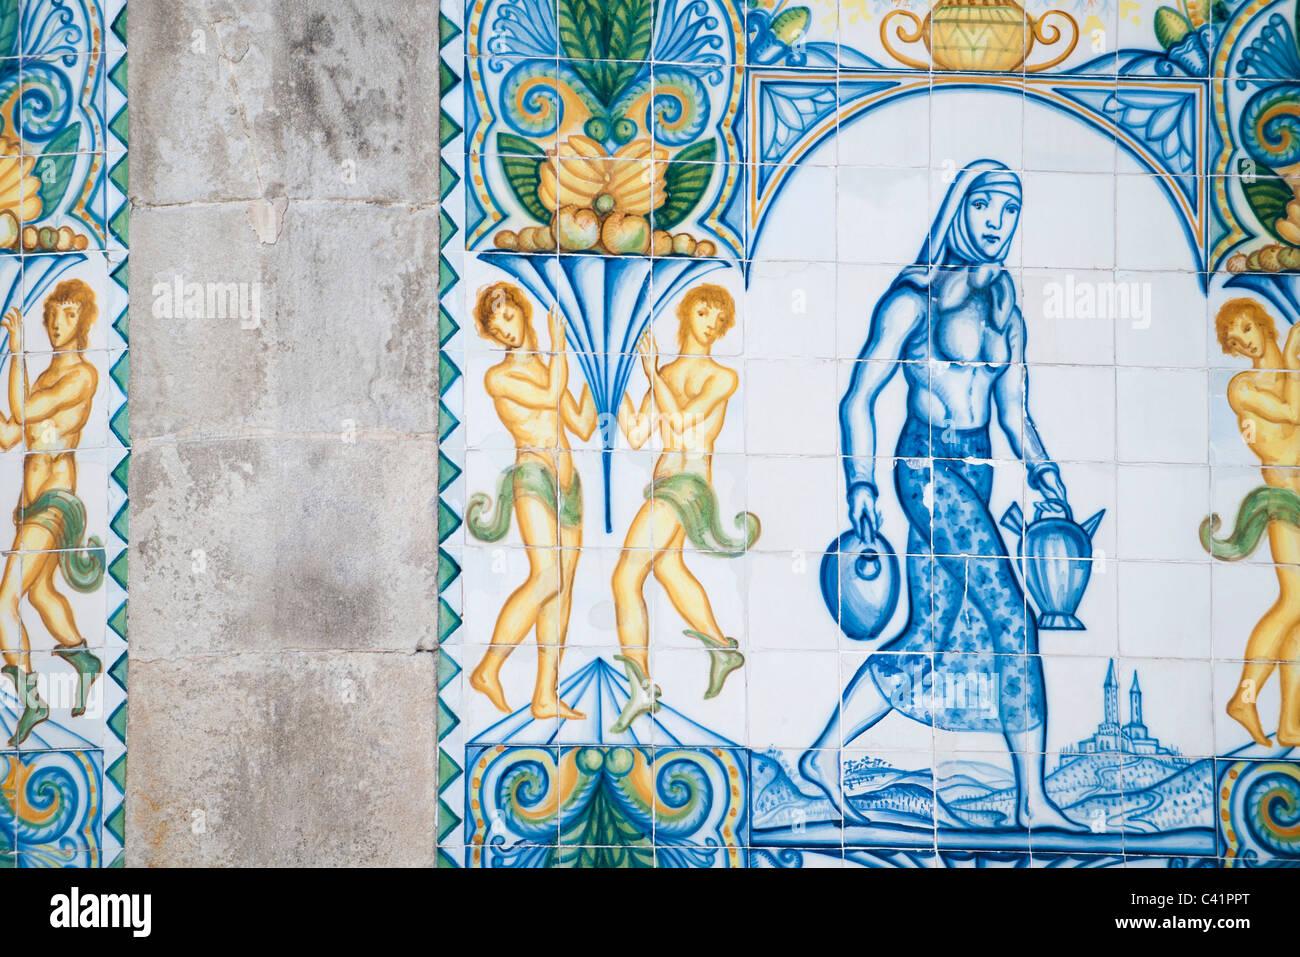 Tiled mural - Stock Image